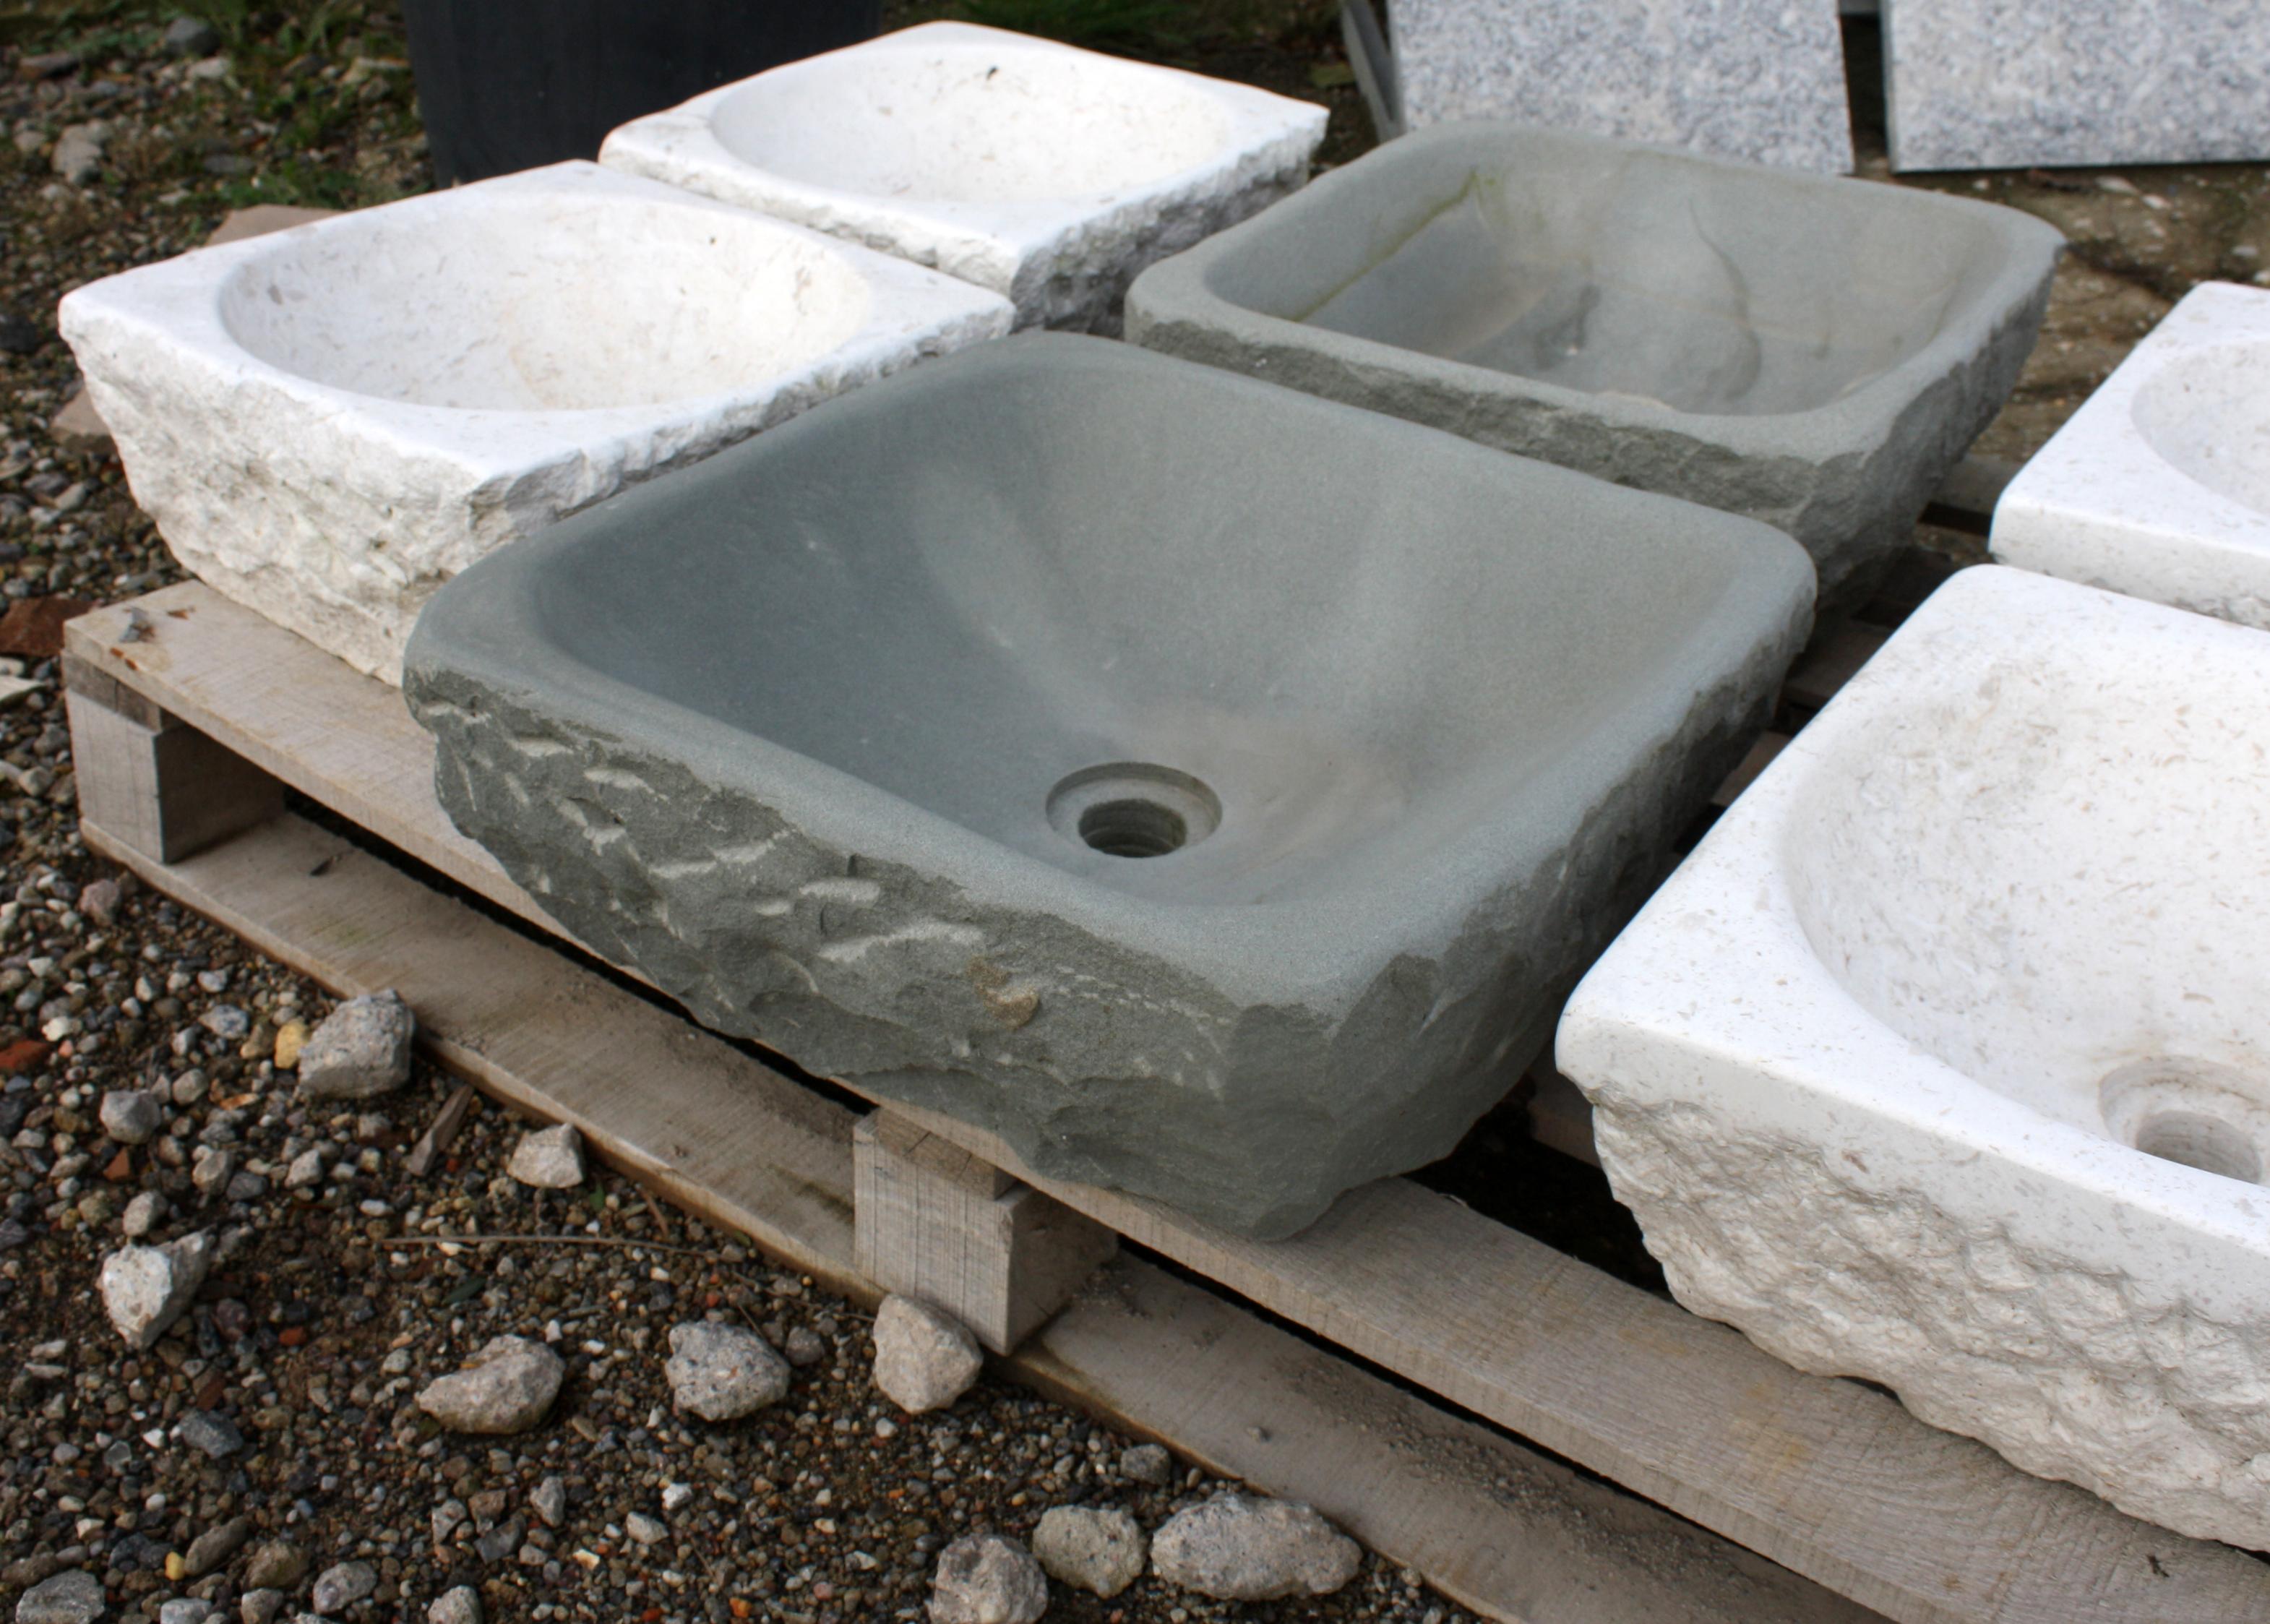 waschbecken aus sandstein we 04 rg 04 naturstein centrum lpm. Black Bedroom Furniture Sets. Home Design Ideas